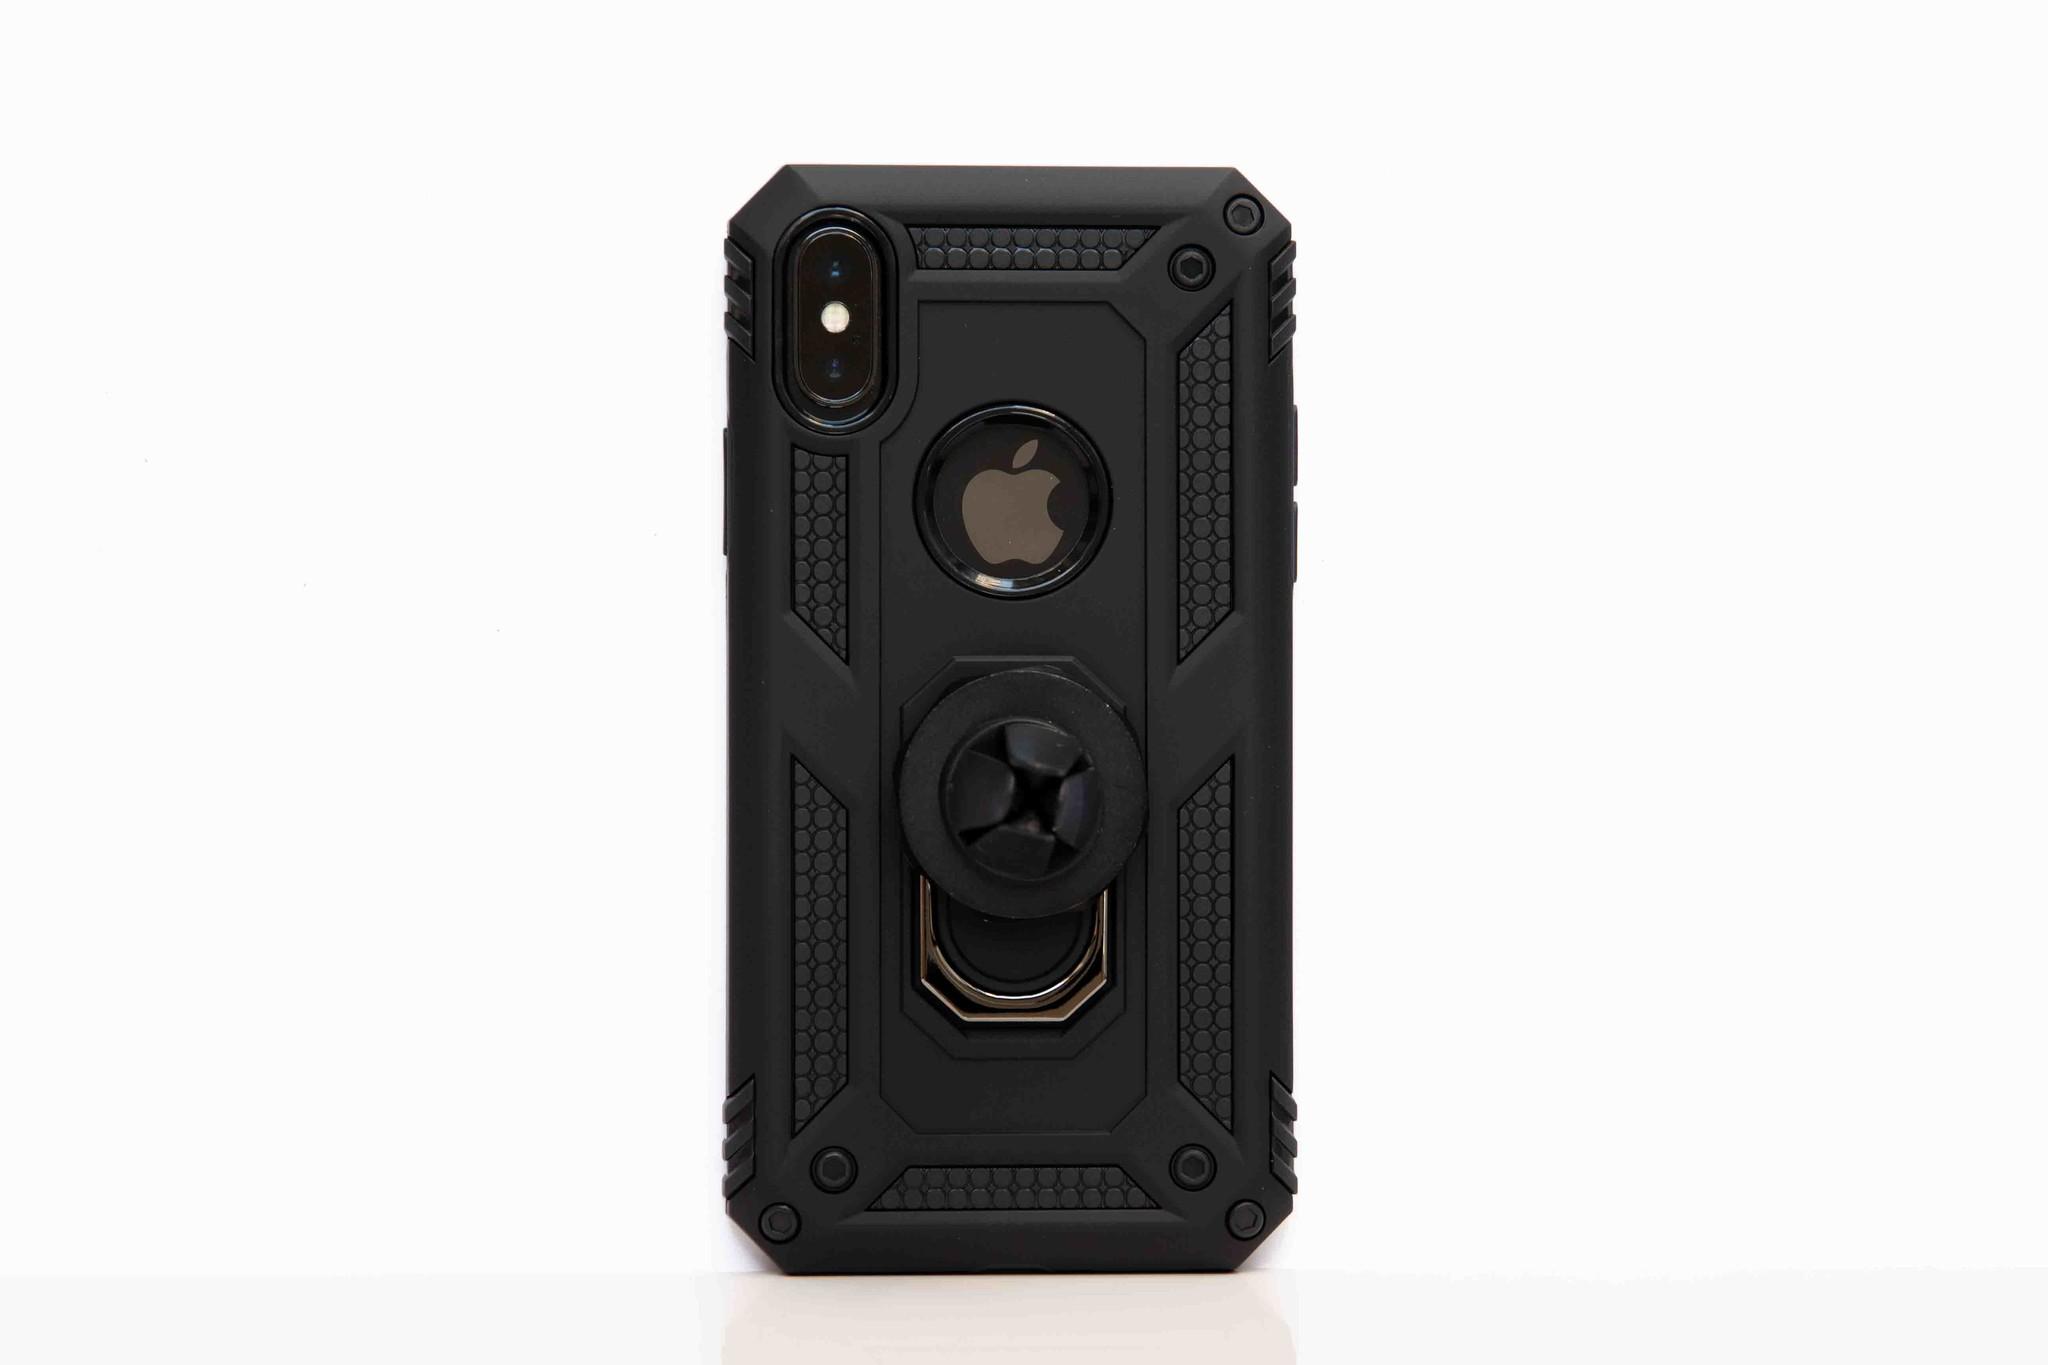 Smartphonehoesje iPhone 6s | Shockproof met magneet